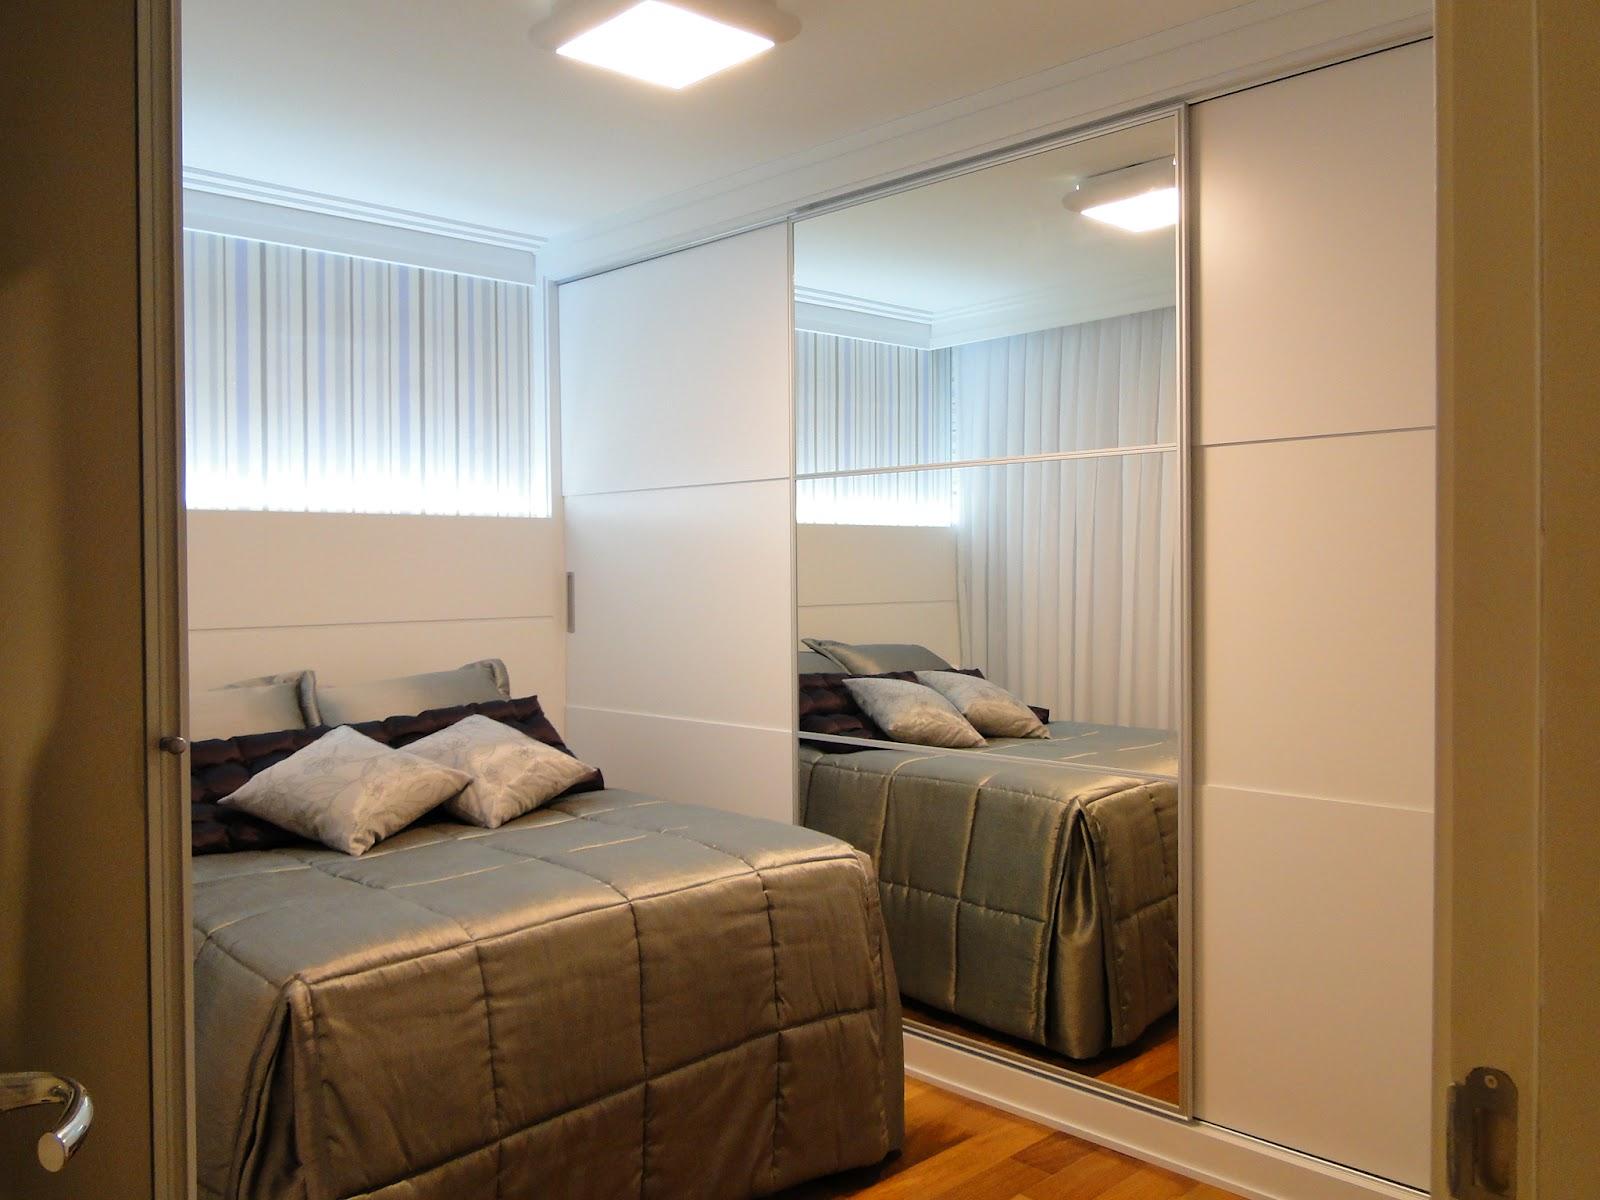 Decora O De Quarto De Casal Pequeno Apartamento ~ Decoração Quarto Casal Apartamento